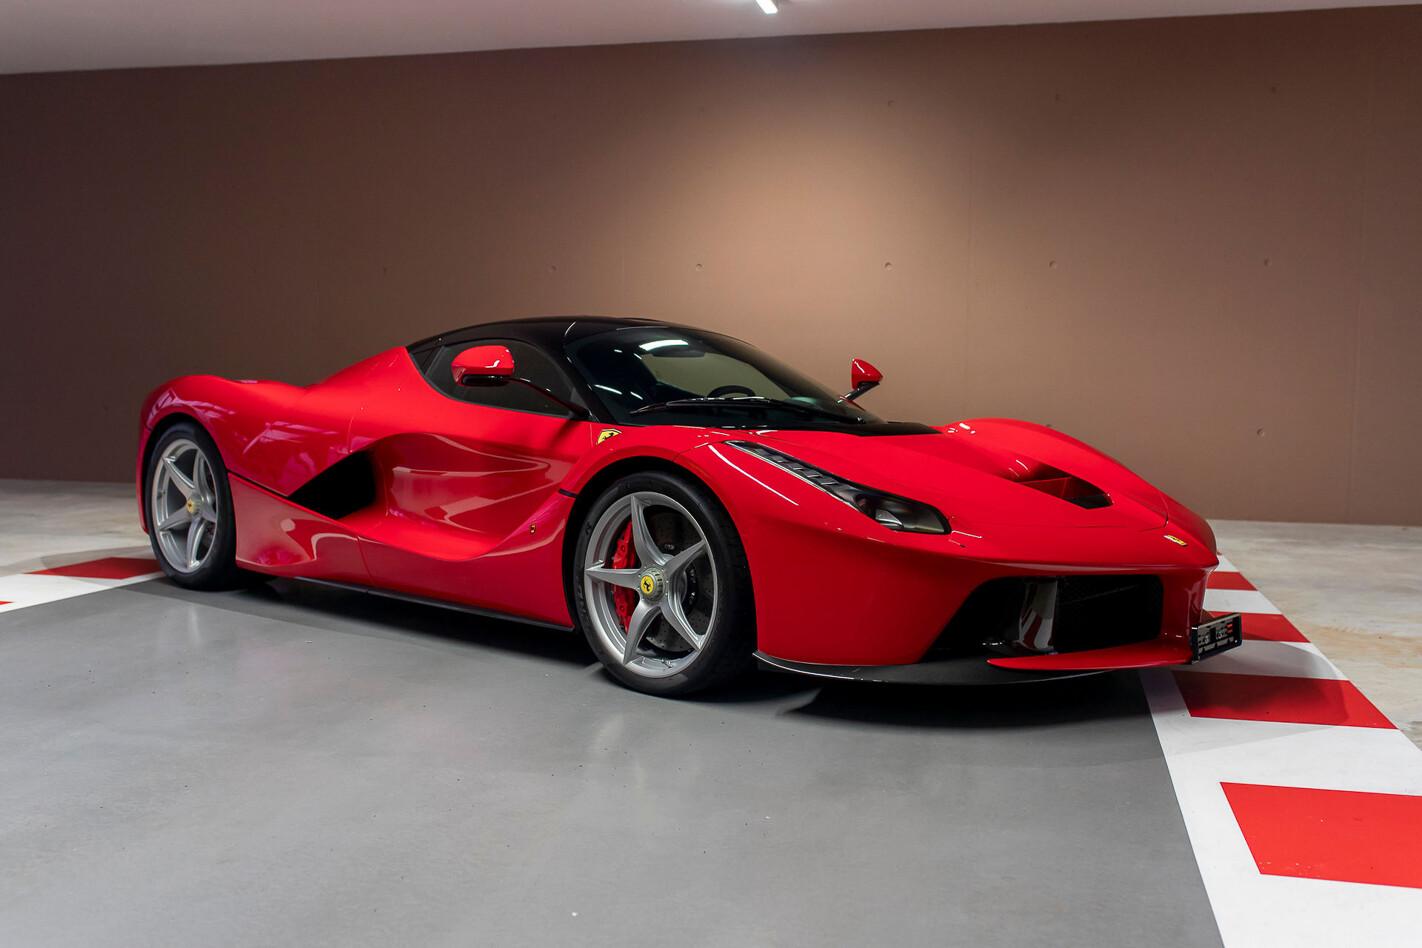 Sebastian Vettel Cars 1 1 Jpg